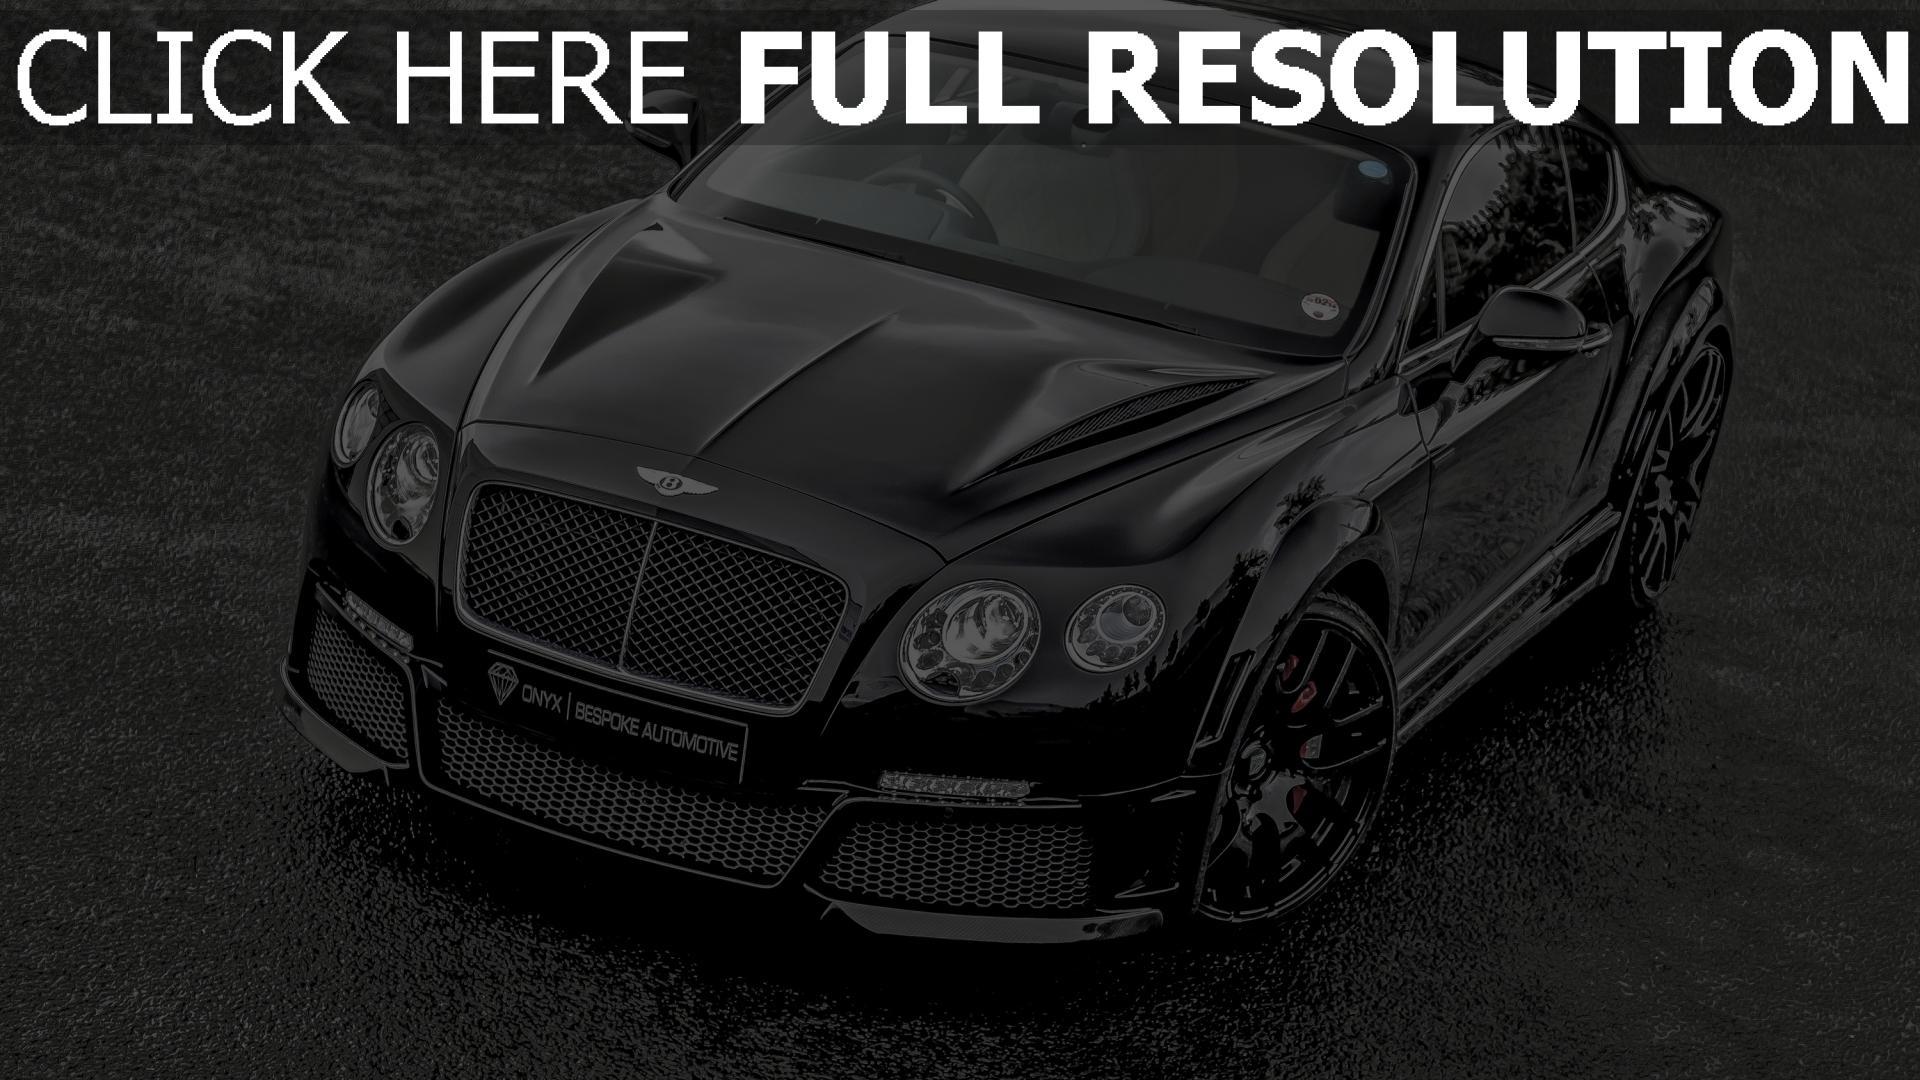 T l charger 1920x1080 full hd fond d 39 cran bentley continental vue d en haut noire voitures de - Voiture vue de haut ...